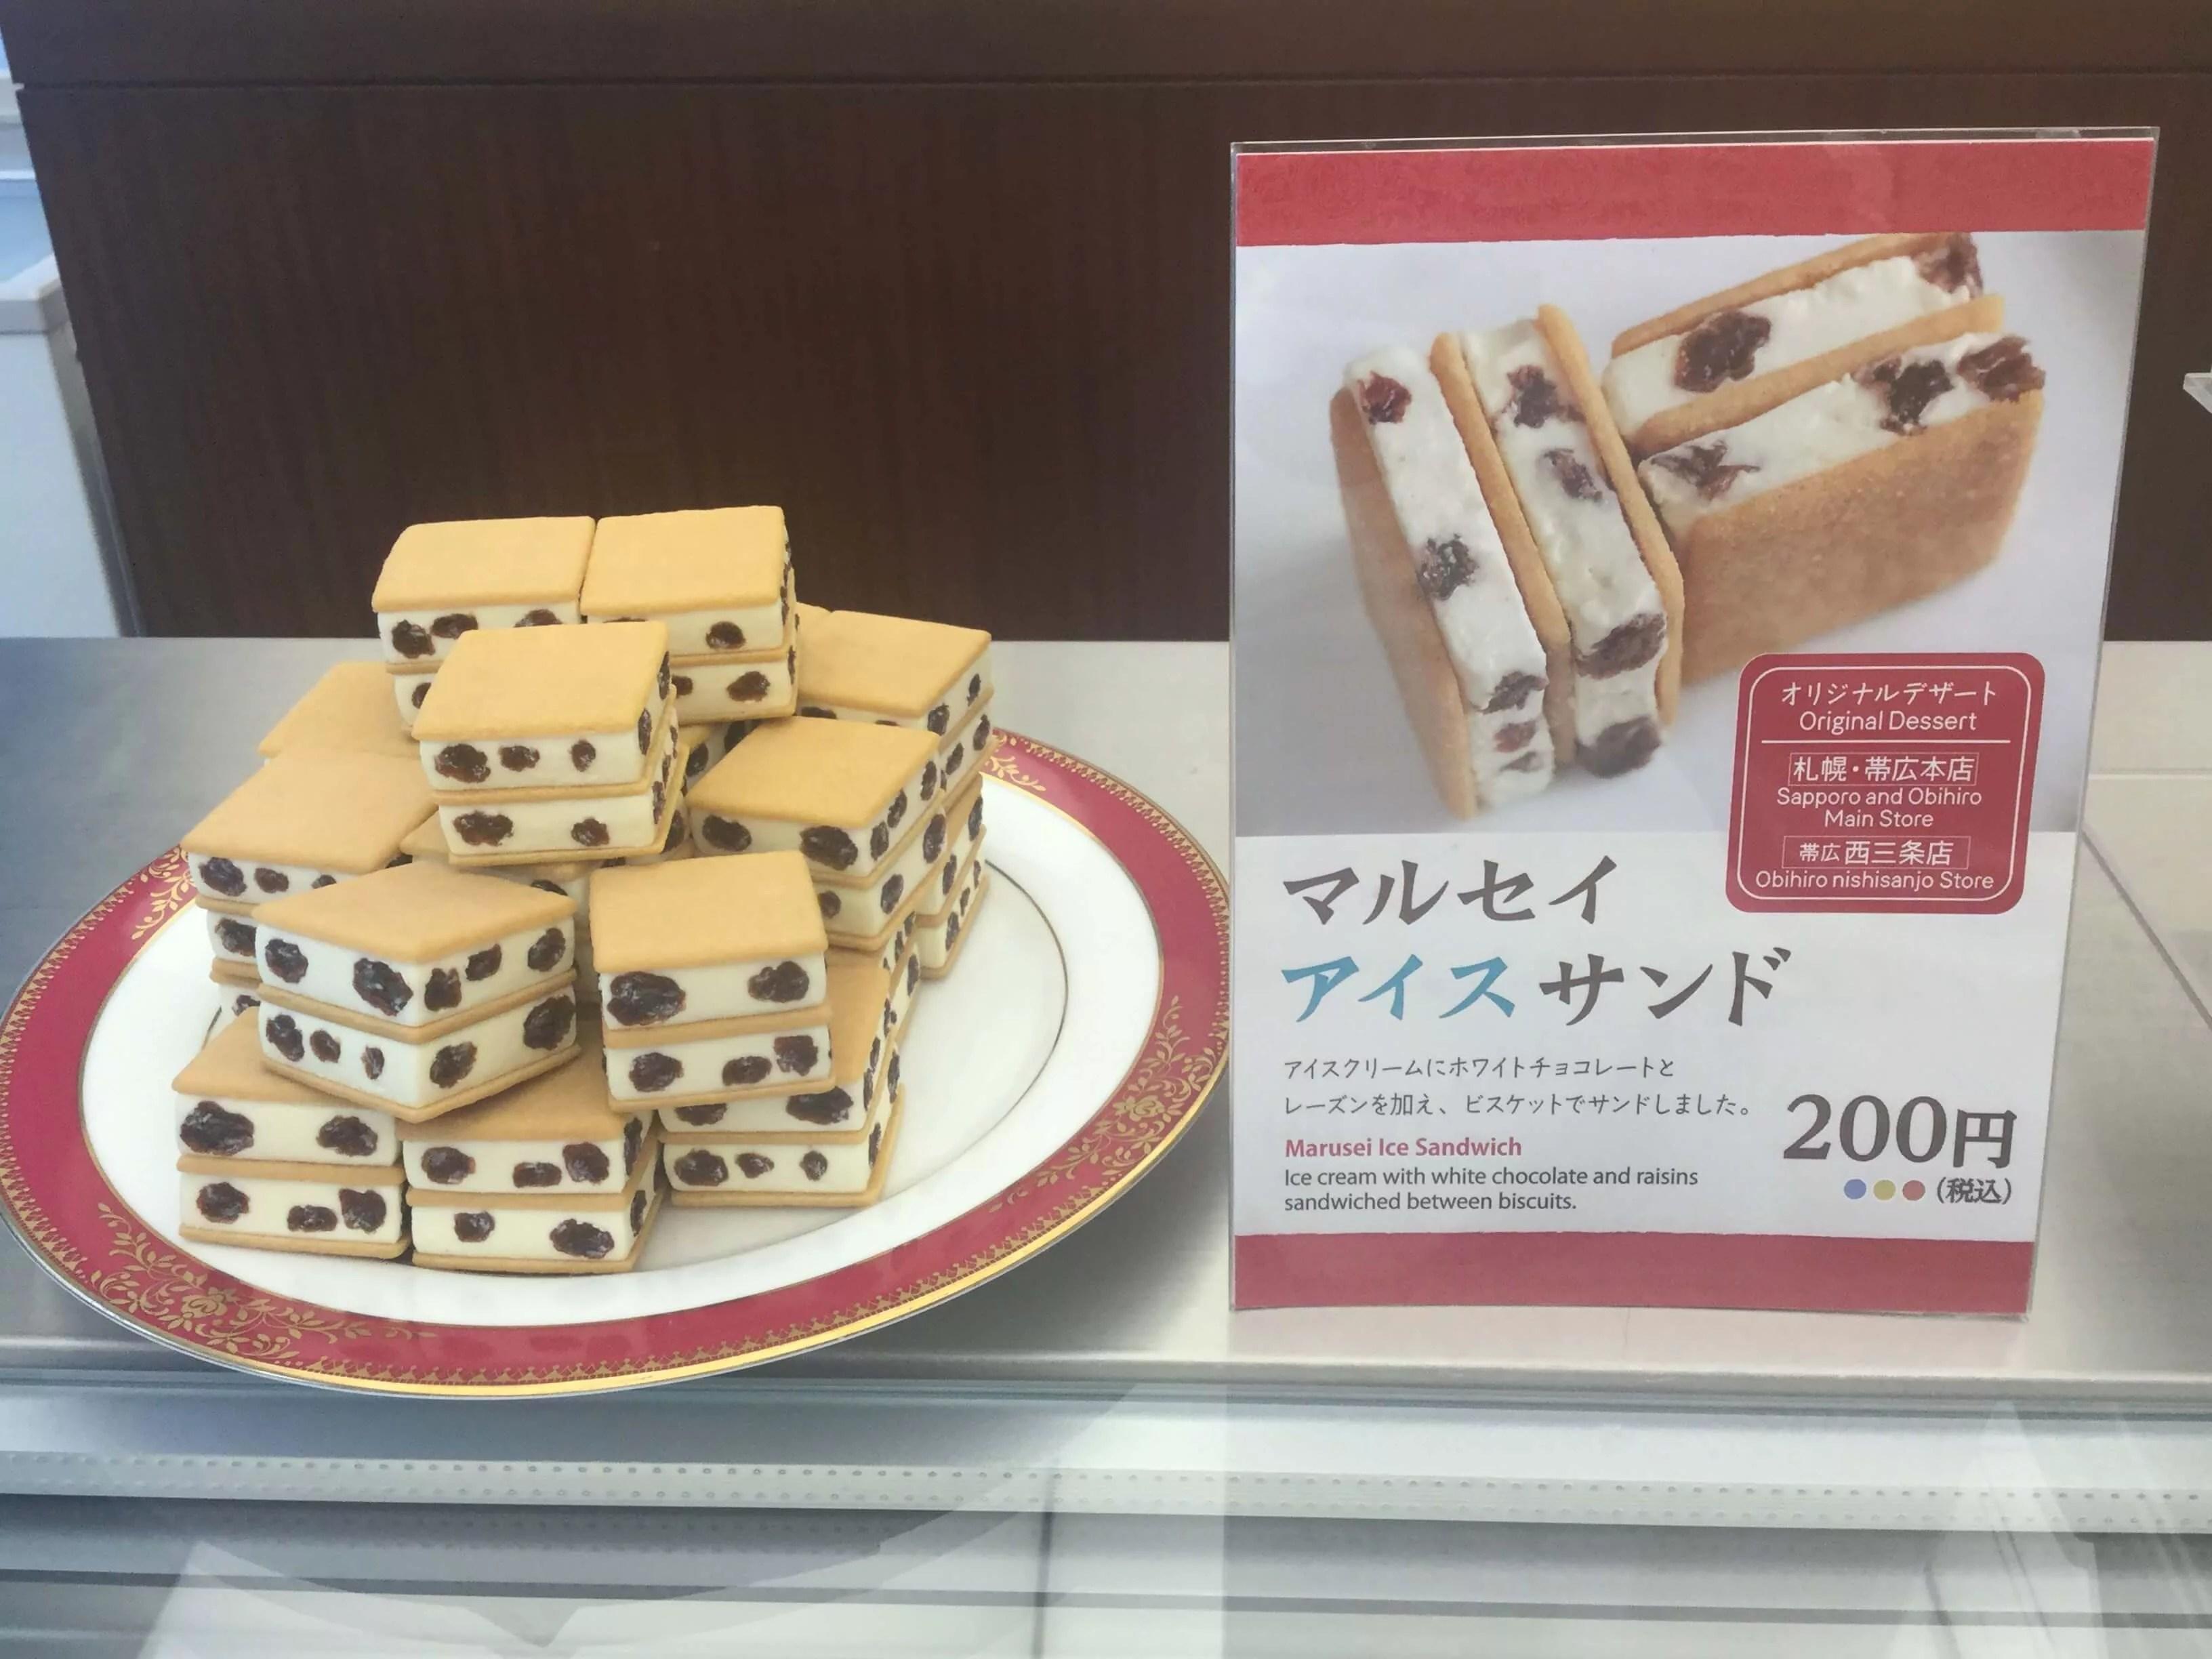 【札幌グルメ】北海道3店舗限定!マルセイアイスサンドを食べてきた